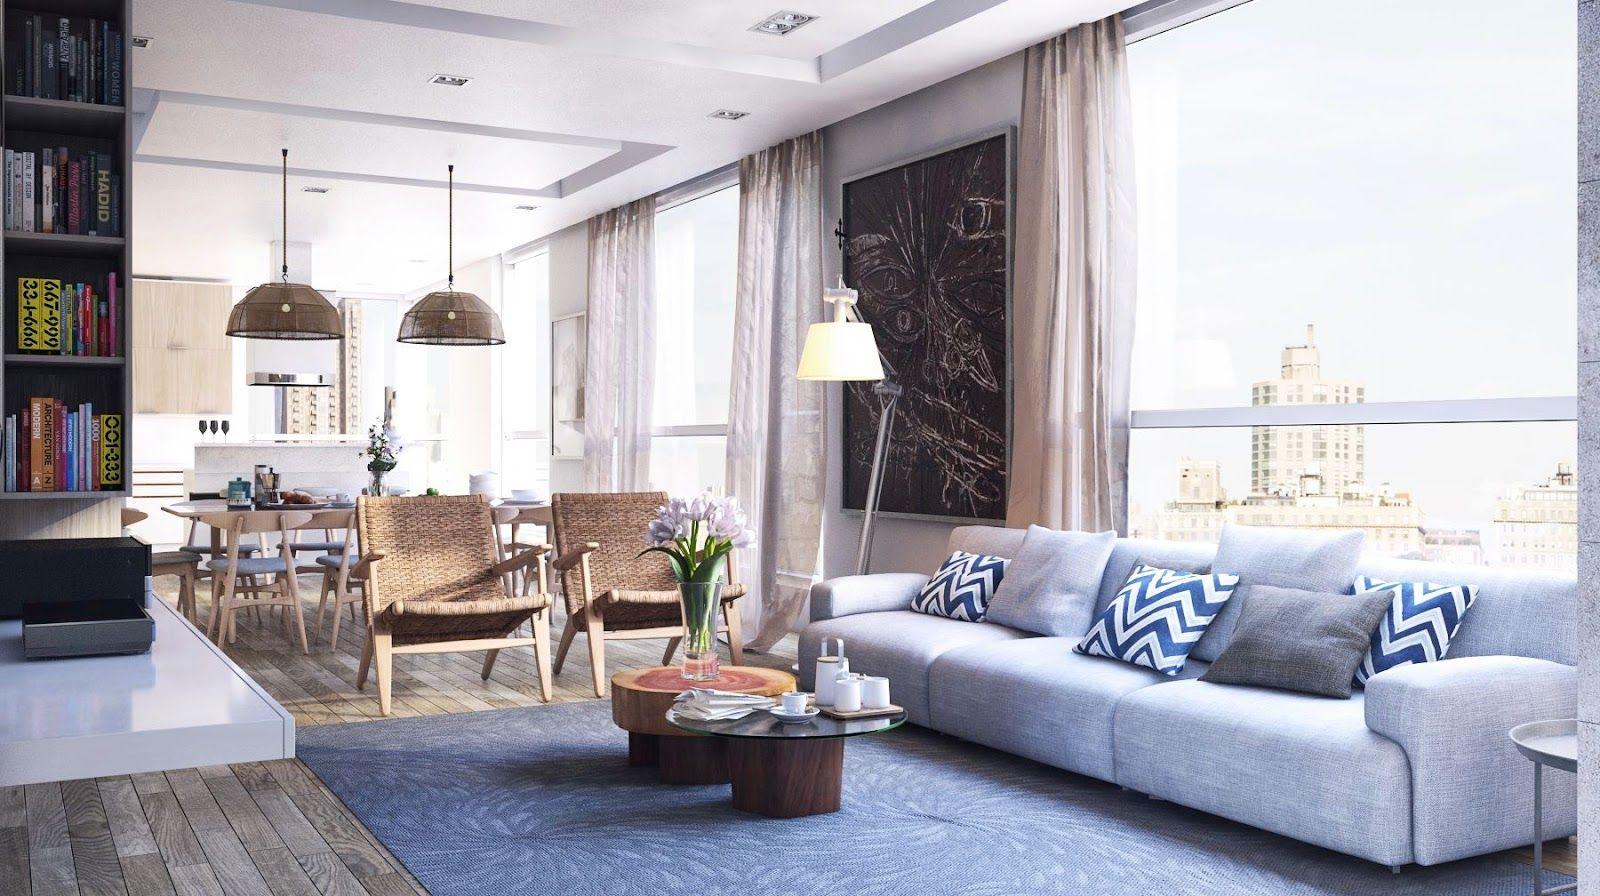 Wohnzimmer Koch ~ Hipster decor wohnzimmer hipster decor